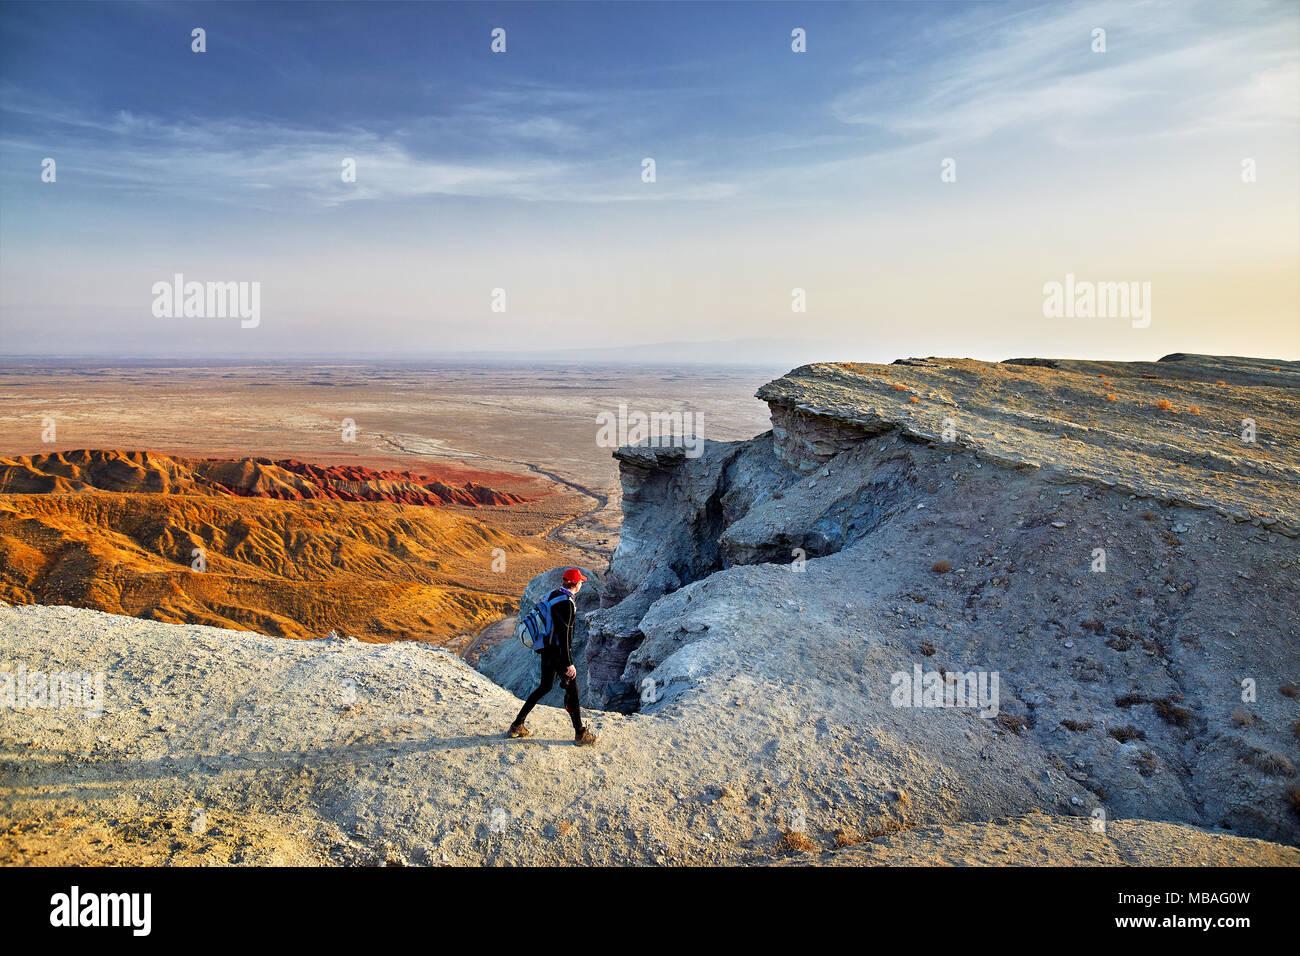 Balades touristiques au surréaliste sur montagnes blanches dans le parc du désert Altyn Emel au Kazakhstan Photo Stock